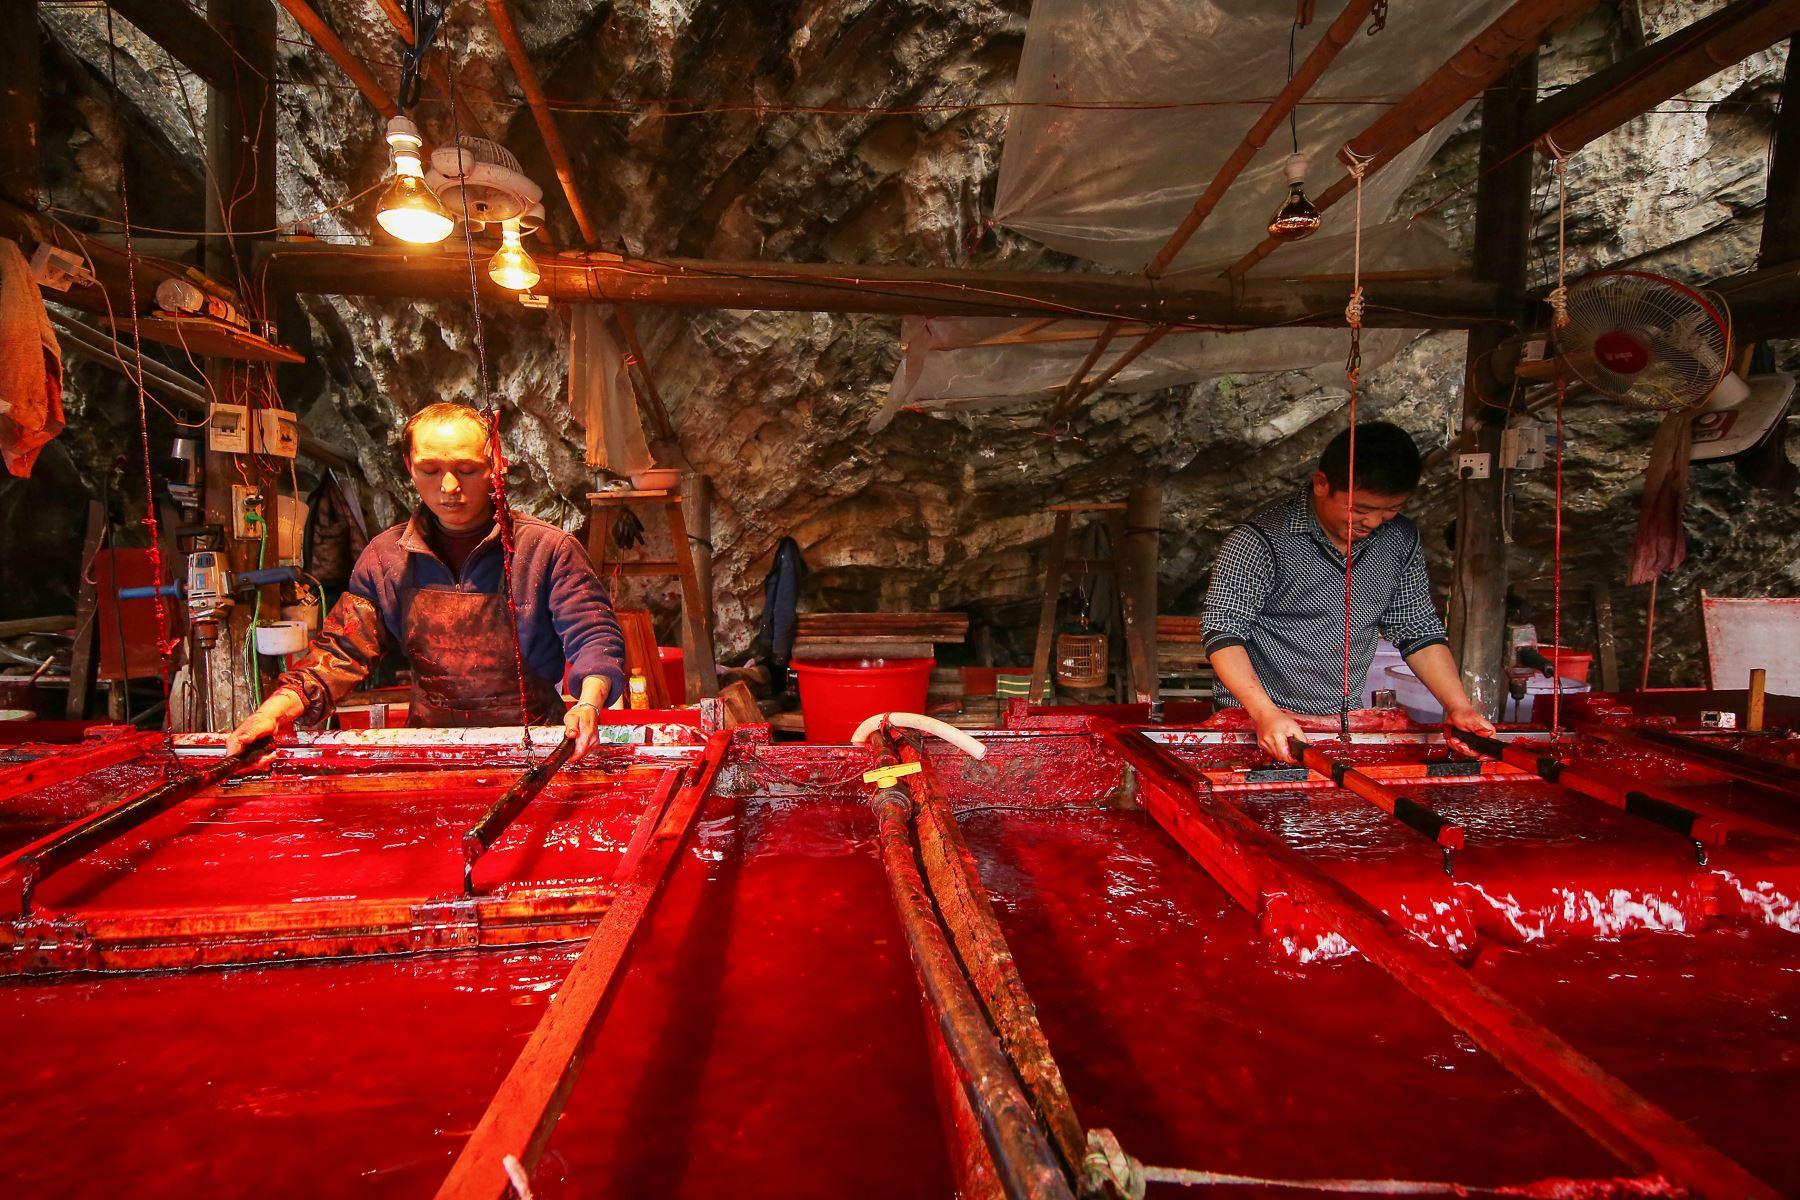 Trabajadores fabricando papel rojo para decoraciones del Año Nuevo Lunar, en Danzhai, en la provincia suroccidental china de Guizhou. Foto: AFP